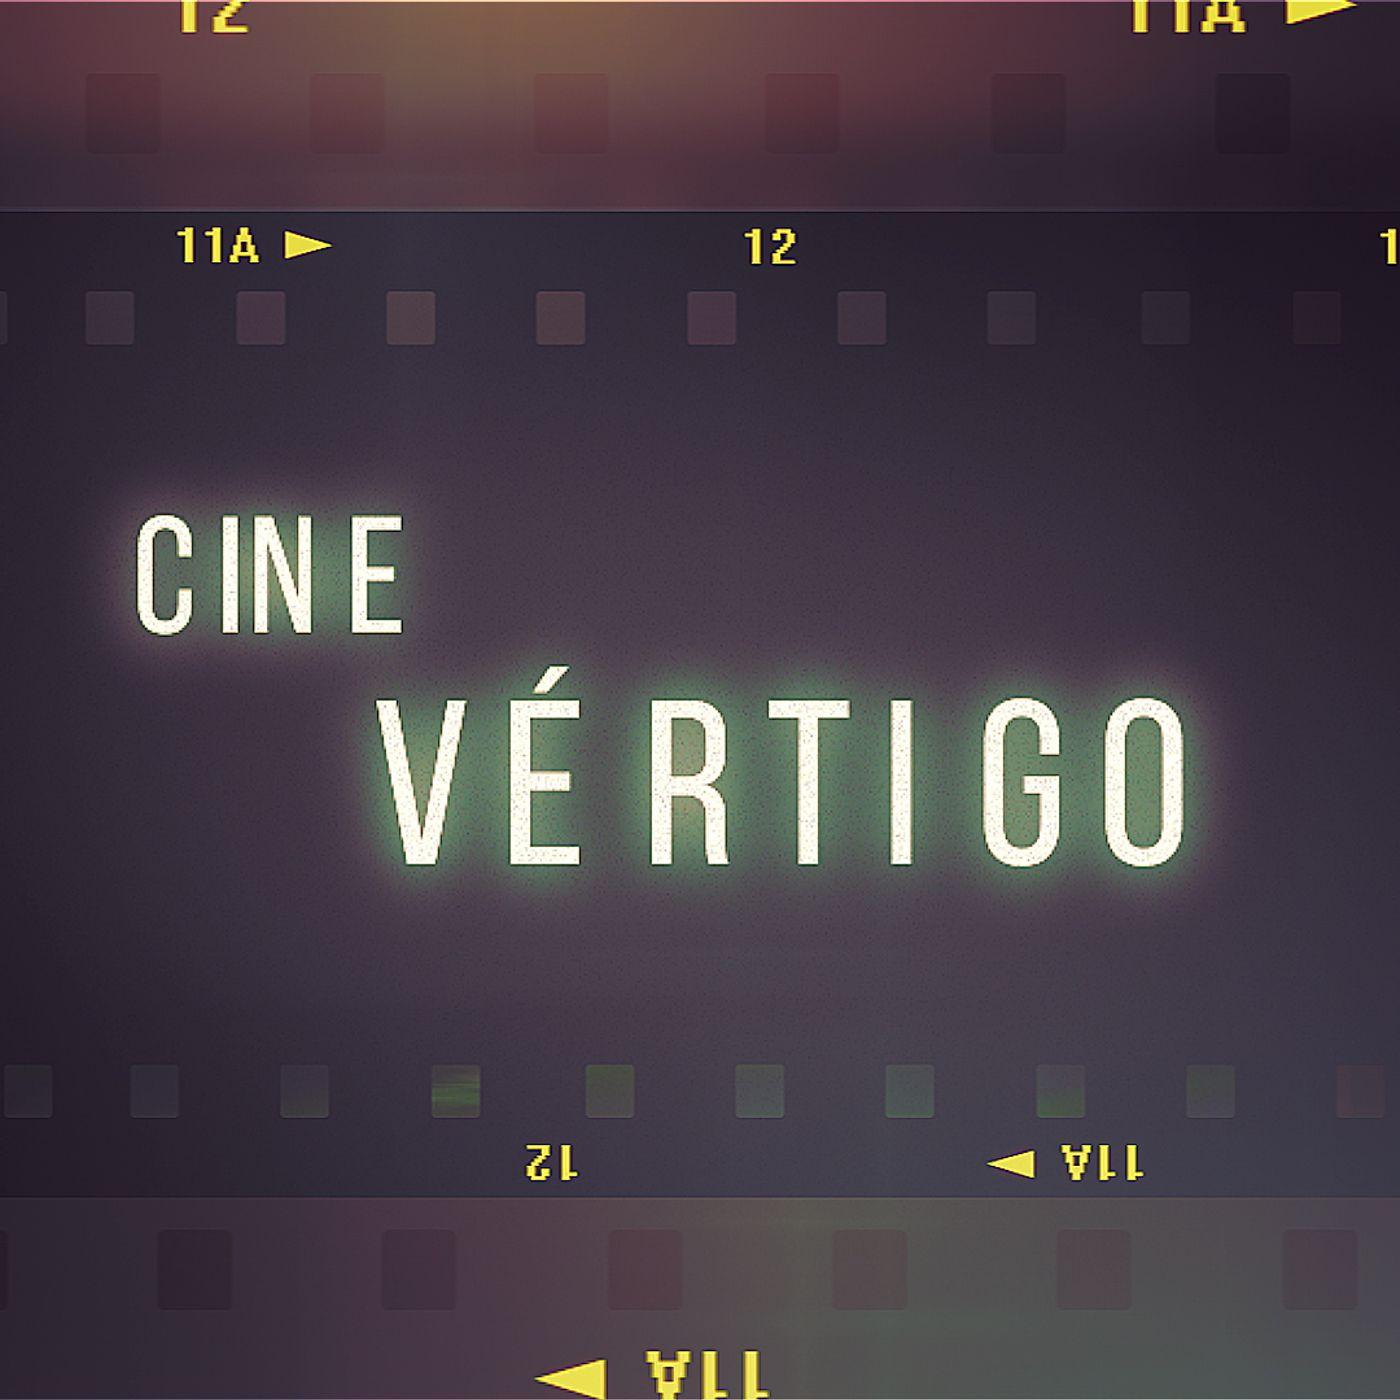 Cine Vertigo 24 - ¿Qué se necesita para criticar una película?